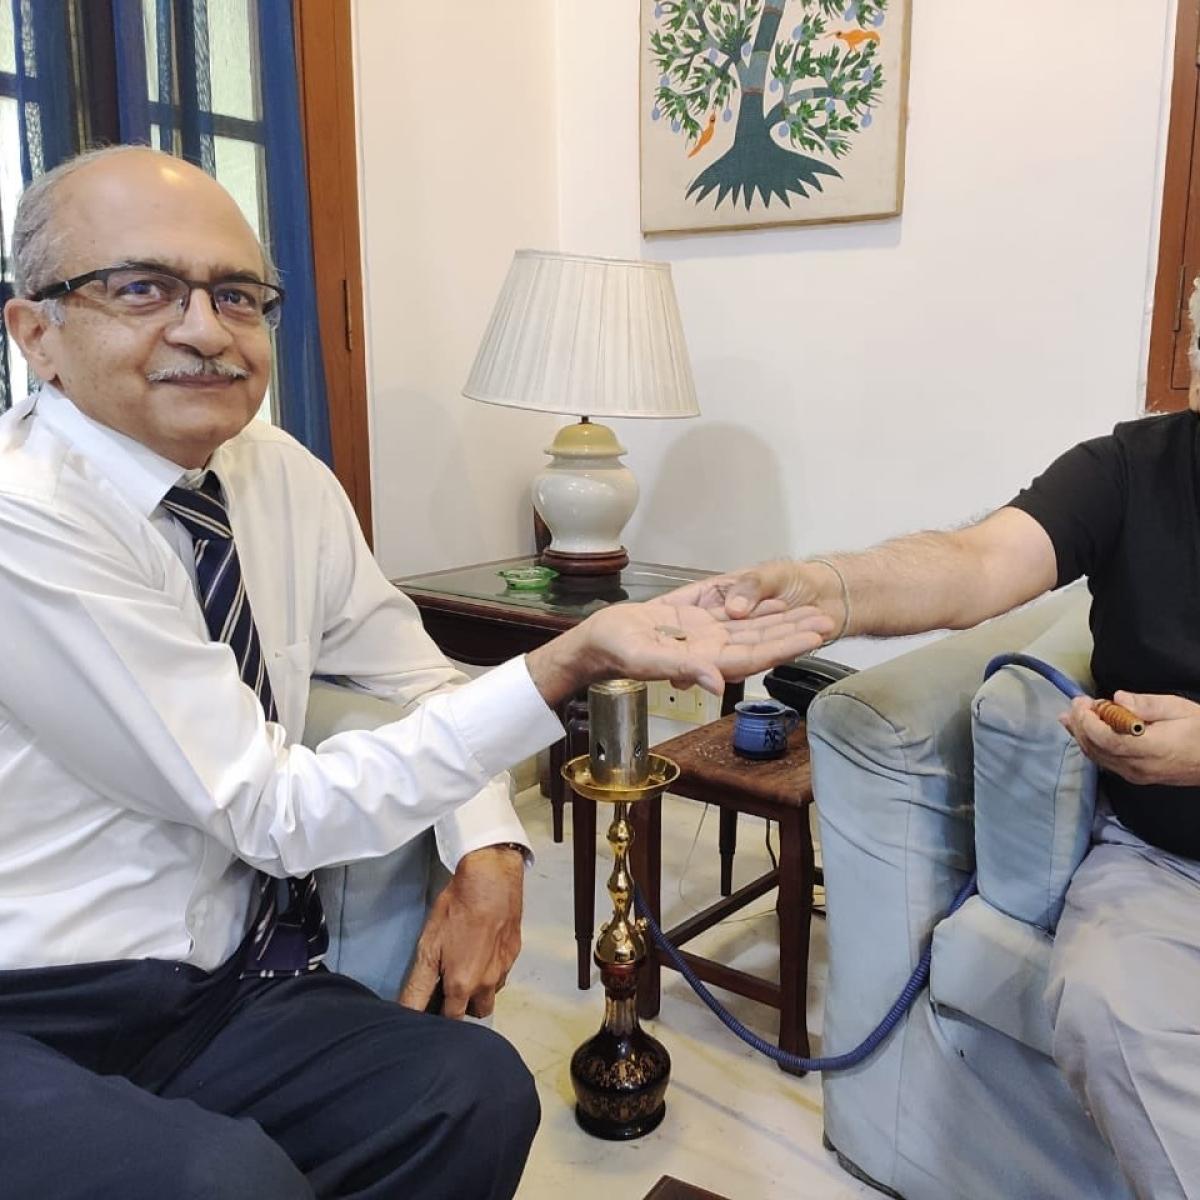 Hookah, Line and Sinker: Legal Twitter in love with Rajeev Dhawan's hookah after Re 1 verdict